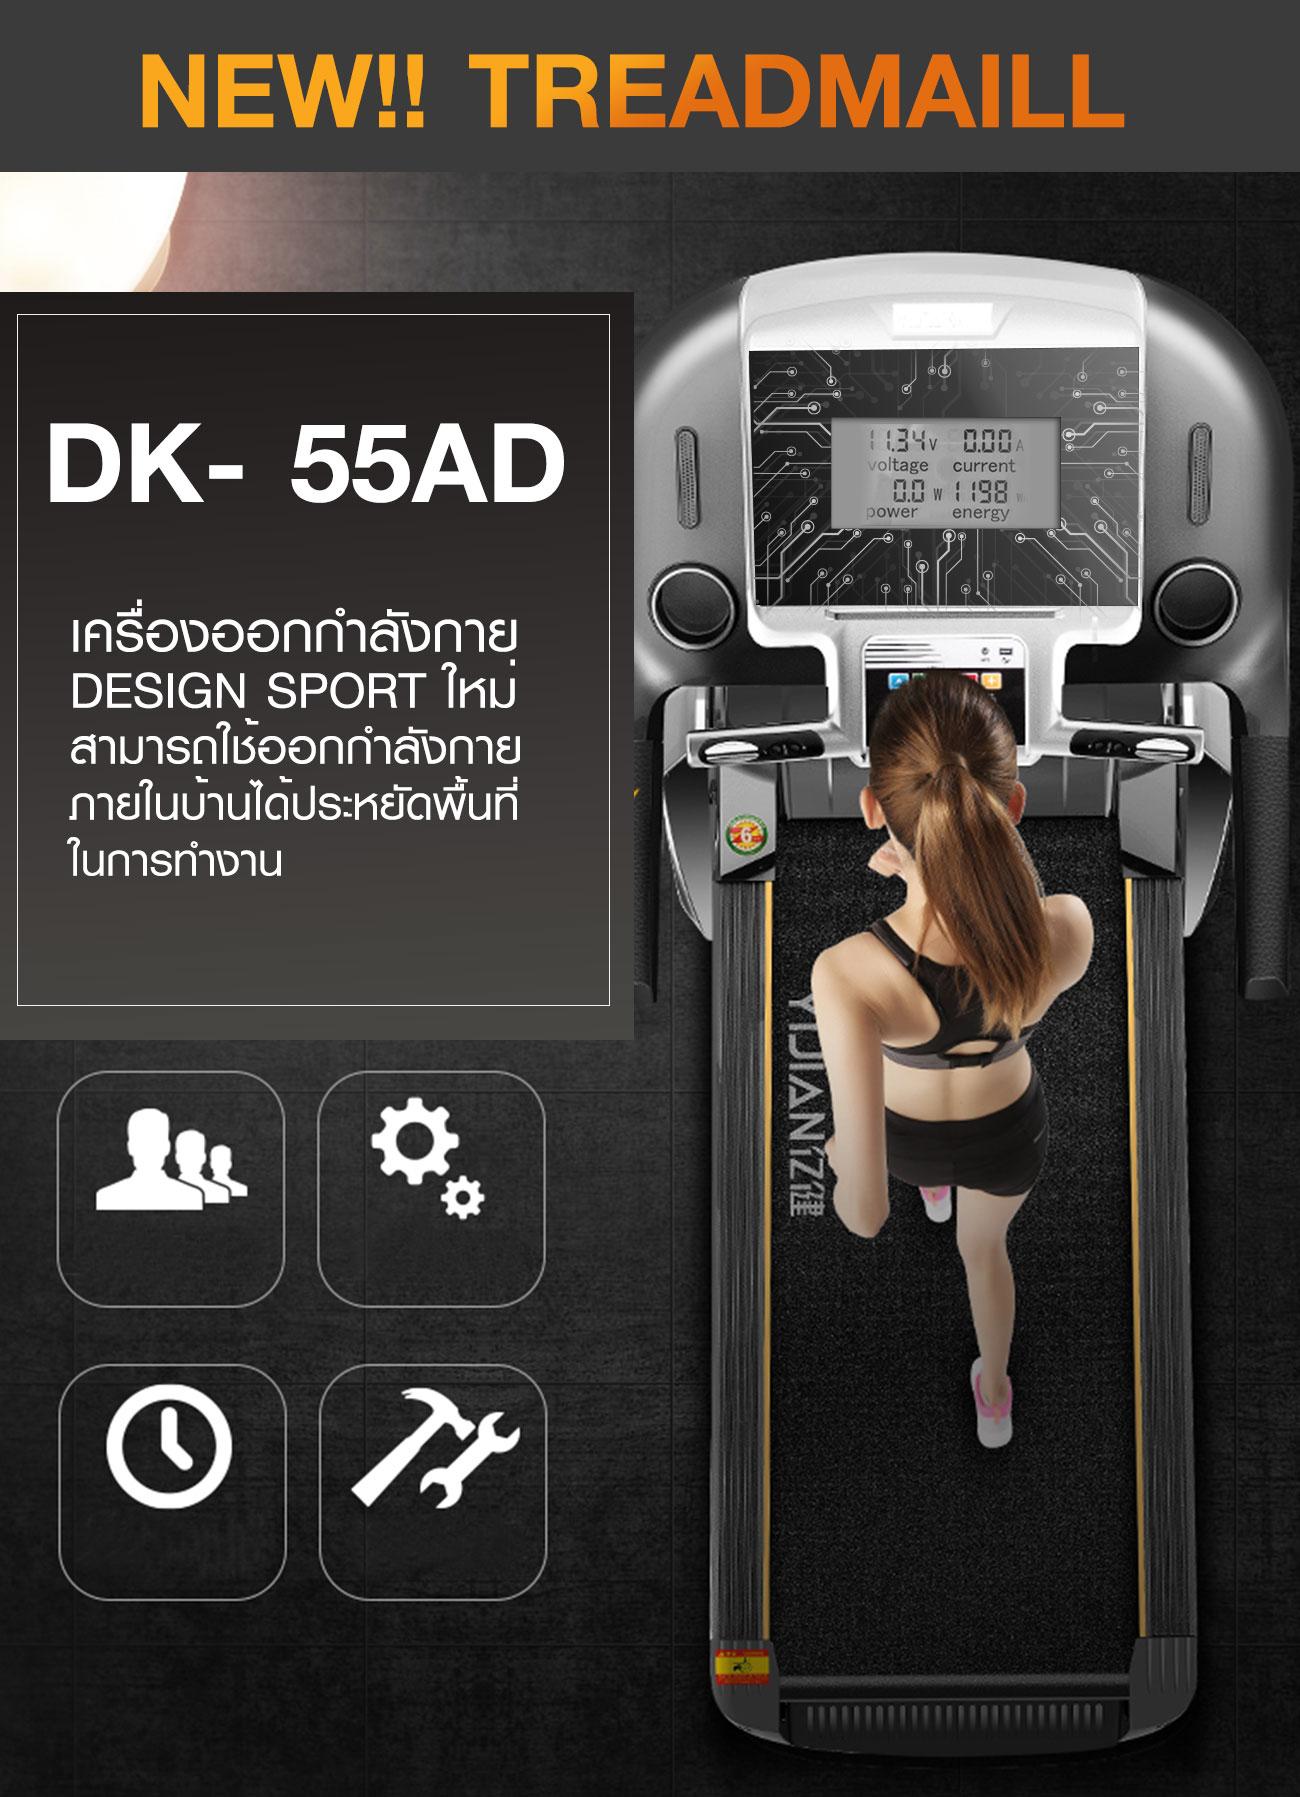 ลู่วิ่งไฟฟ้า ฟิตทูเฟิร์ม รุ่น DK-55AD - 4.0 CHP Motor